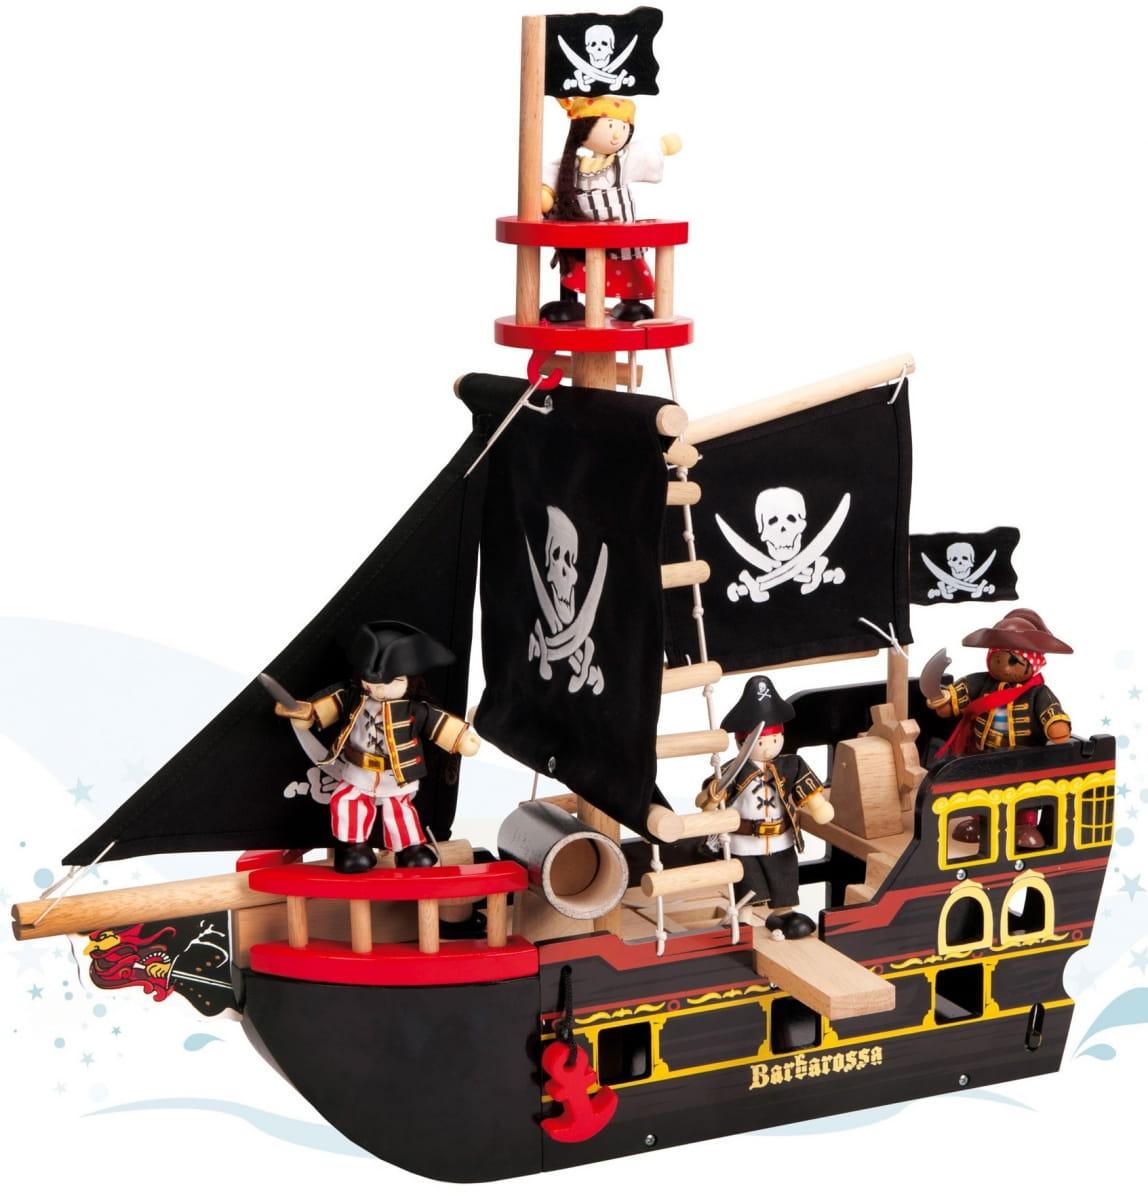 Игровой набор Le Toy Van Пиратский корабль Барбаросса